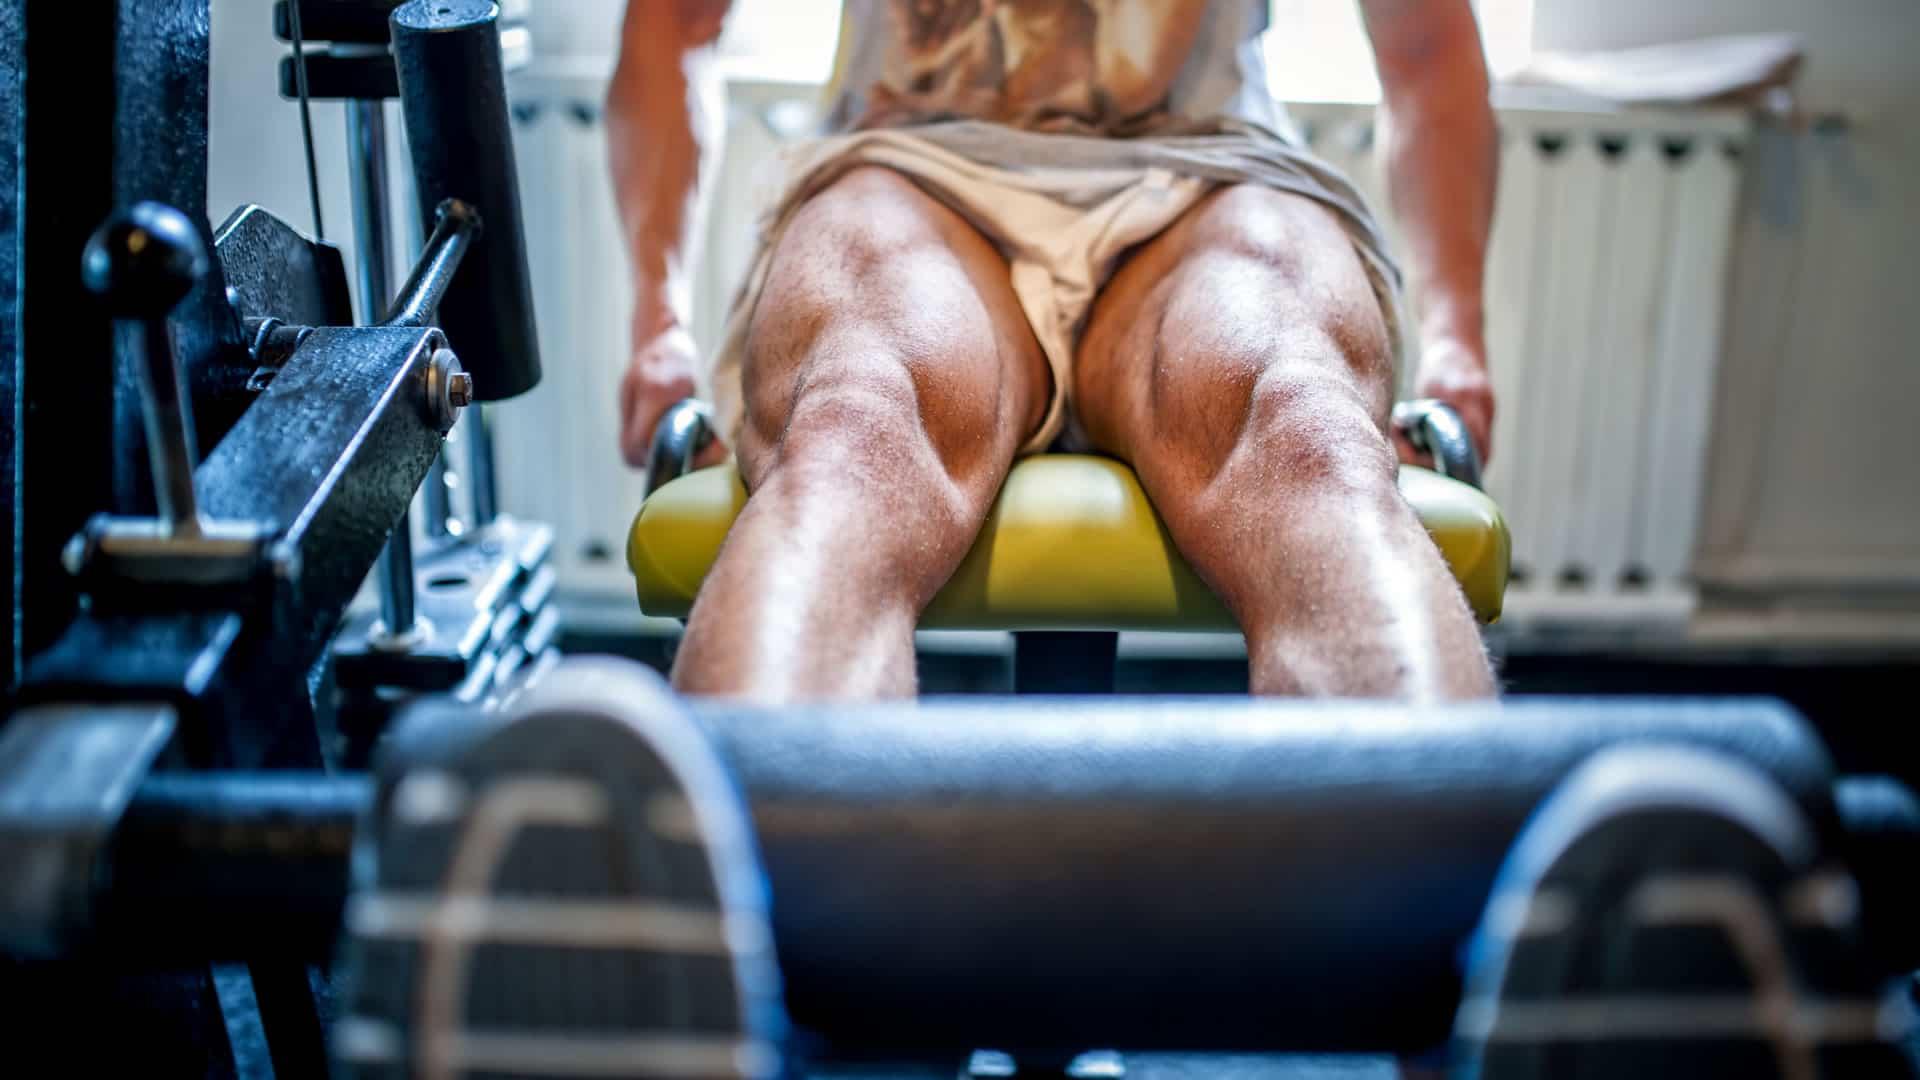 dia de piernas en el gimnasio